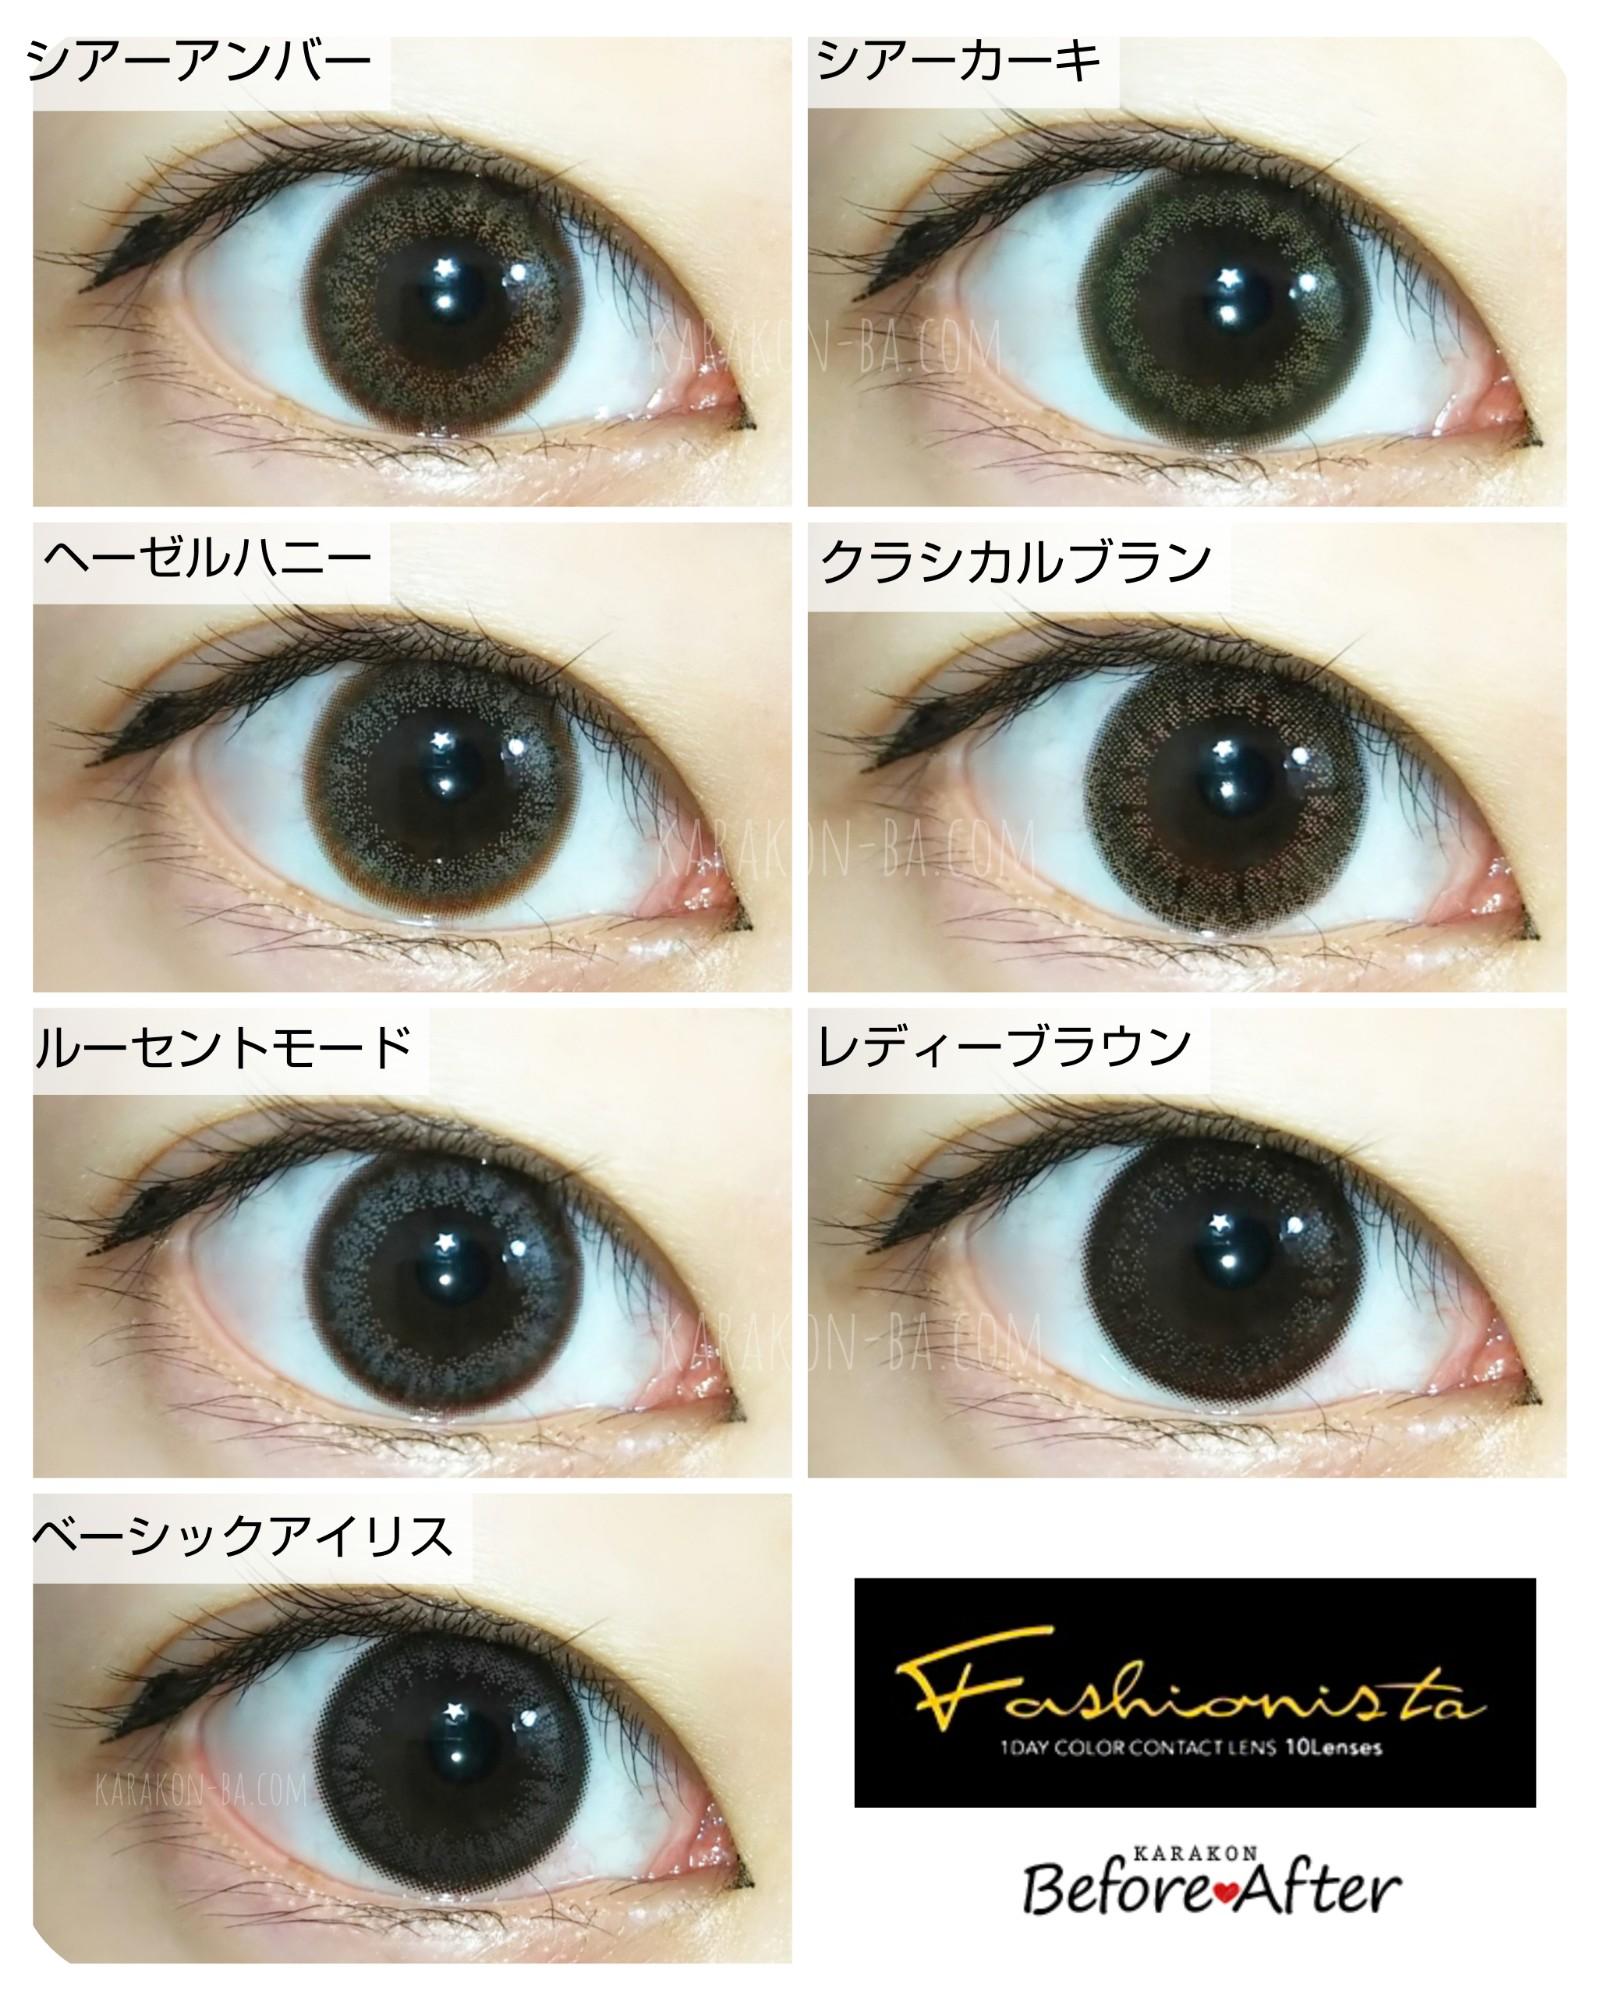 Fashionista(ファッショニスタ)全色の着用画像